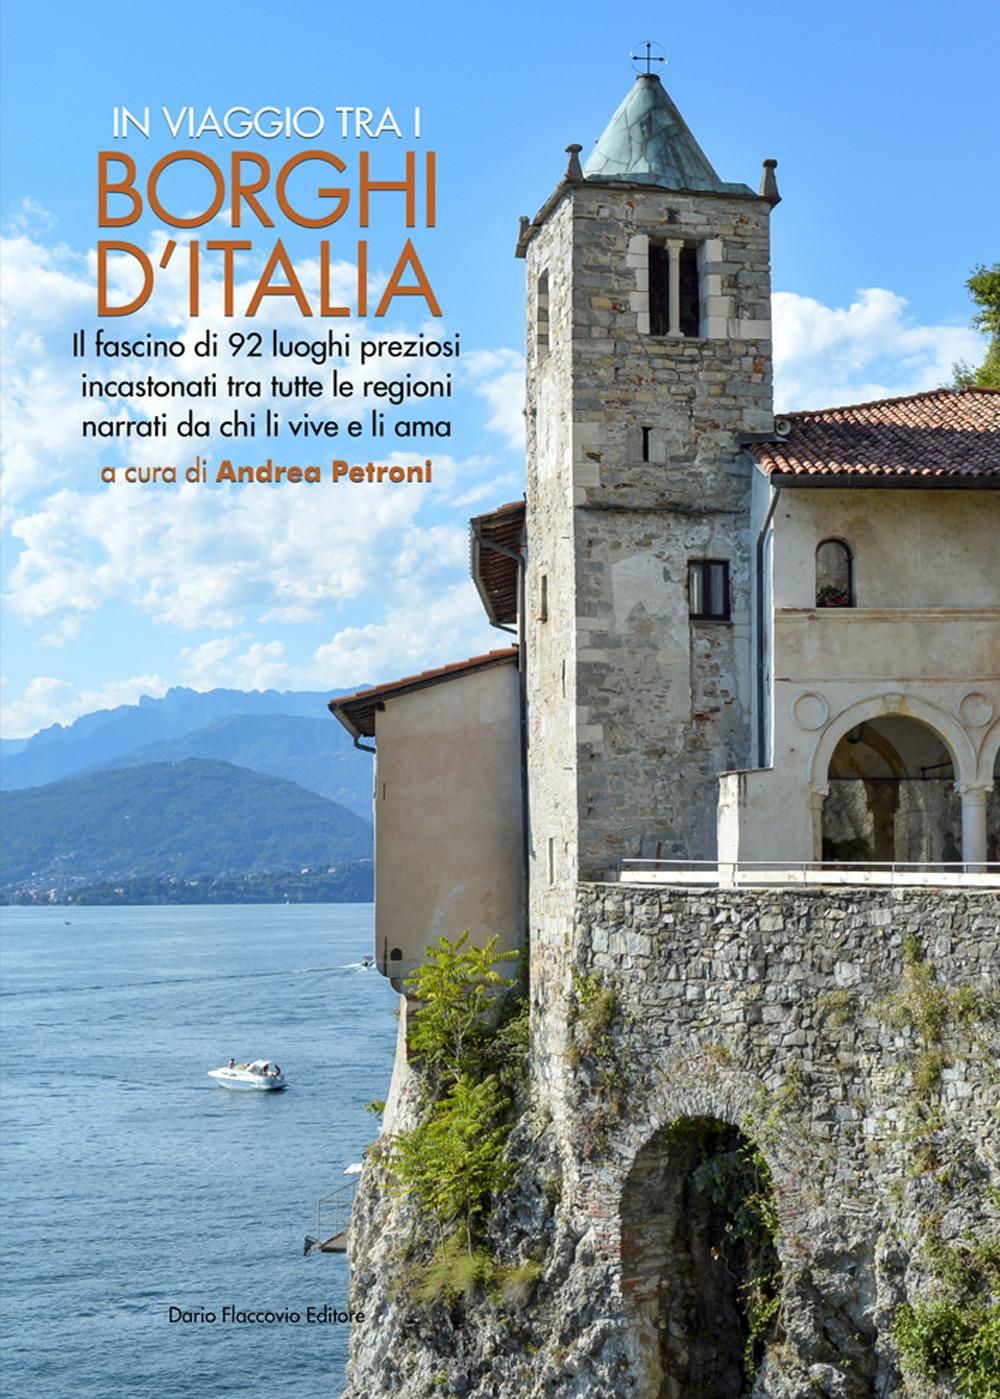 In viaggio tra i borghi d'Italia. Il fascino di 92 luoghi preziosi incastonati tra tutte le regioni, narrati da chi li vive e li ama